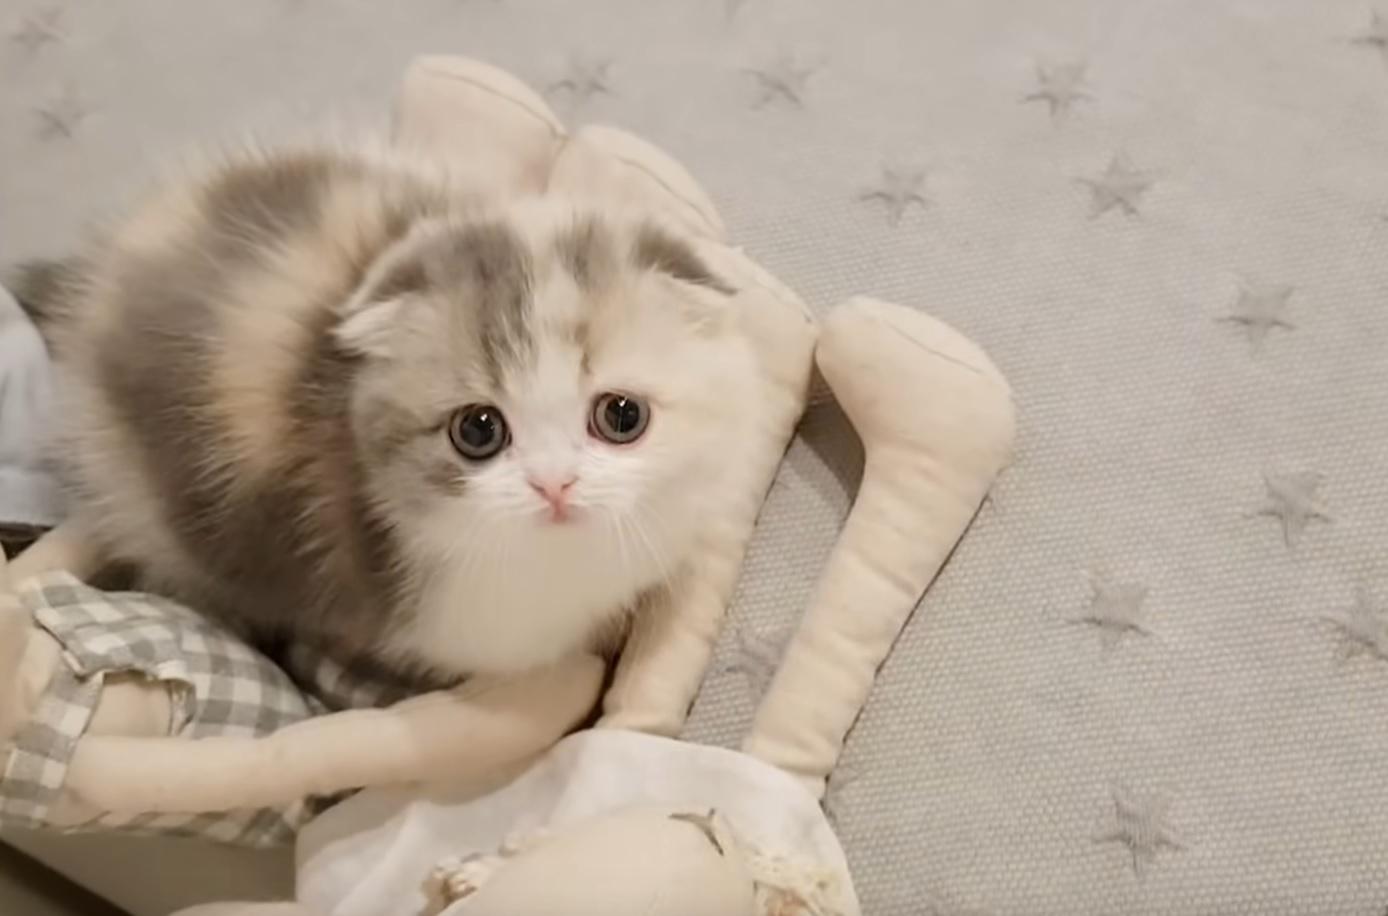 Cutest Tiny Kitten